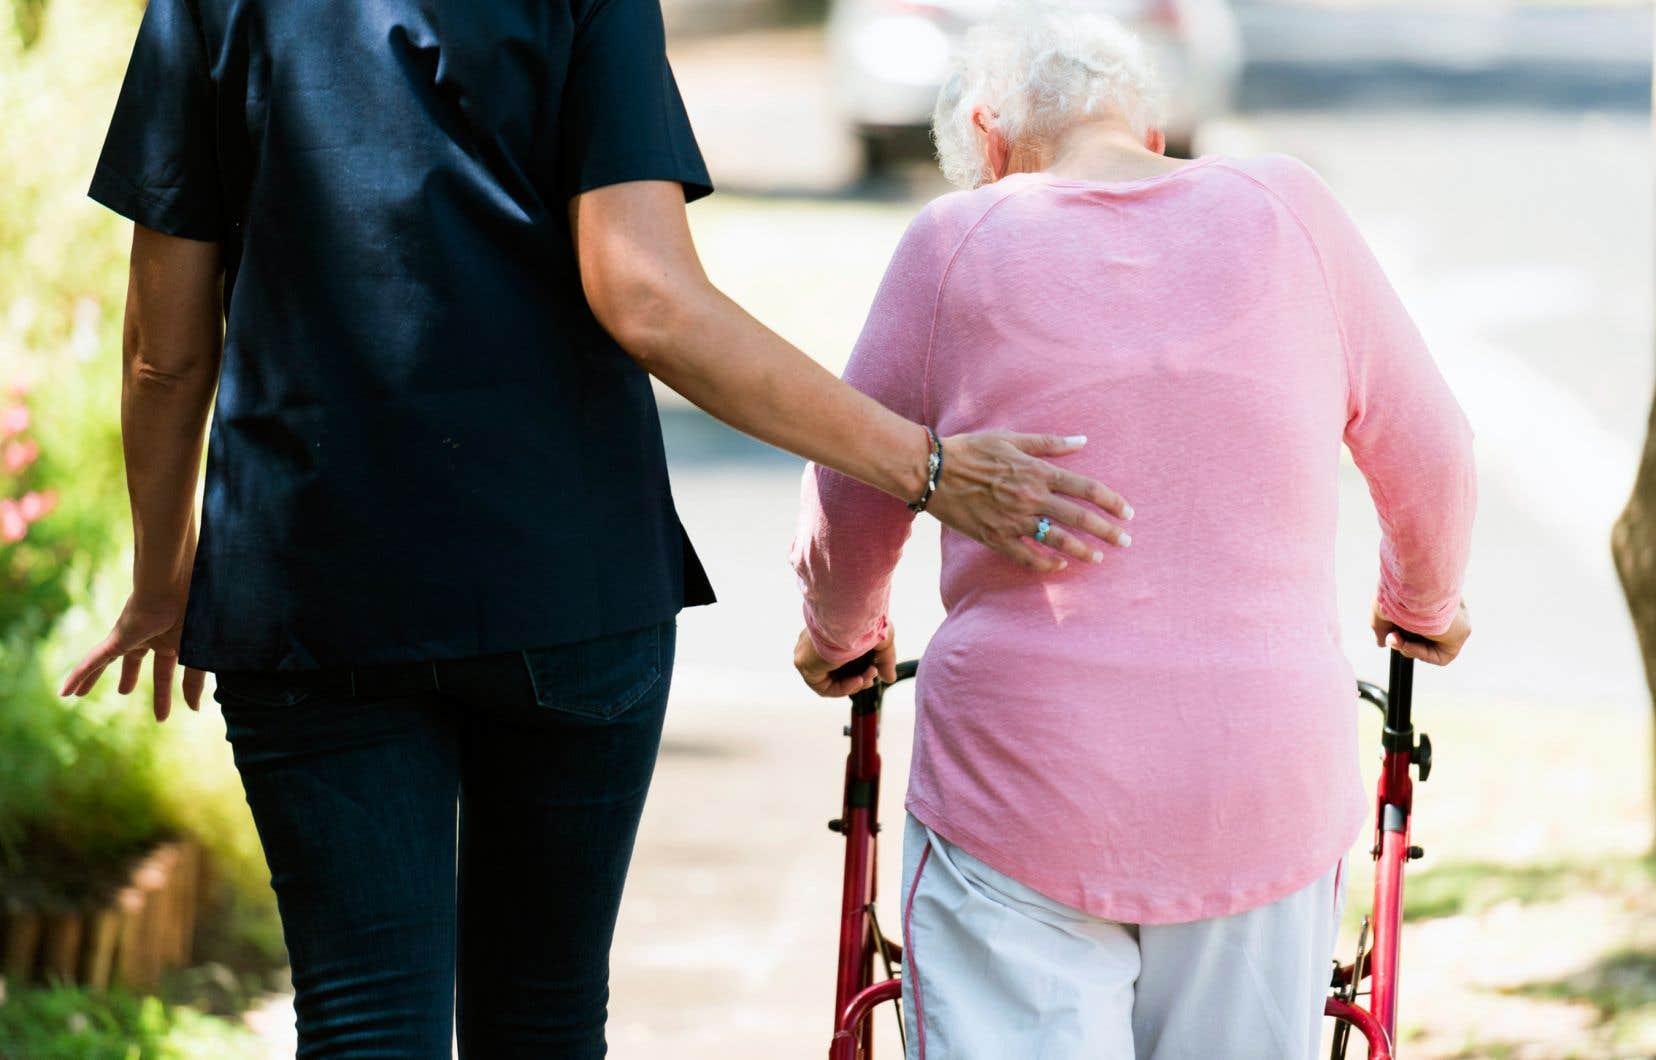 Le gouvernement du Québec devra mettre en place de nombreuses mesures pour atténuer le manque de main-d'œuvre qui découle du vieillissement de sa population, estime l'auteur.